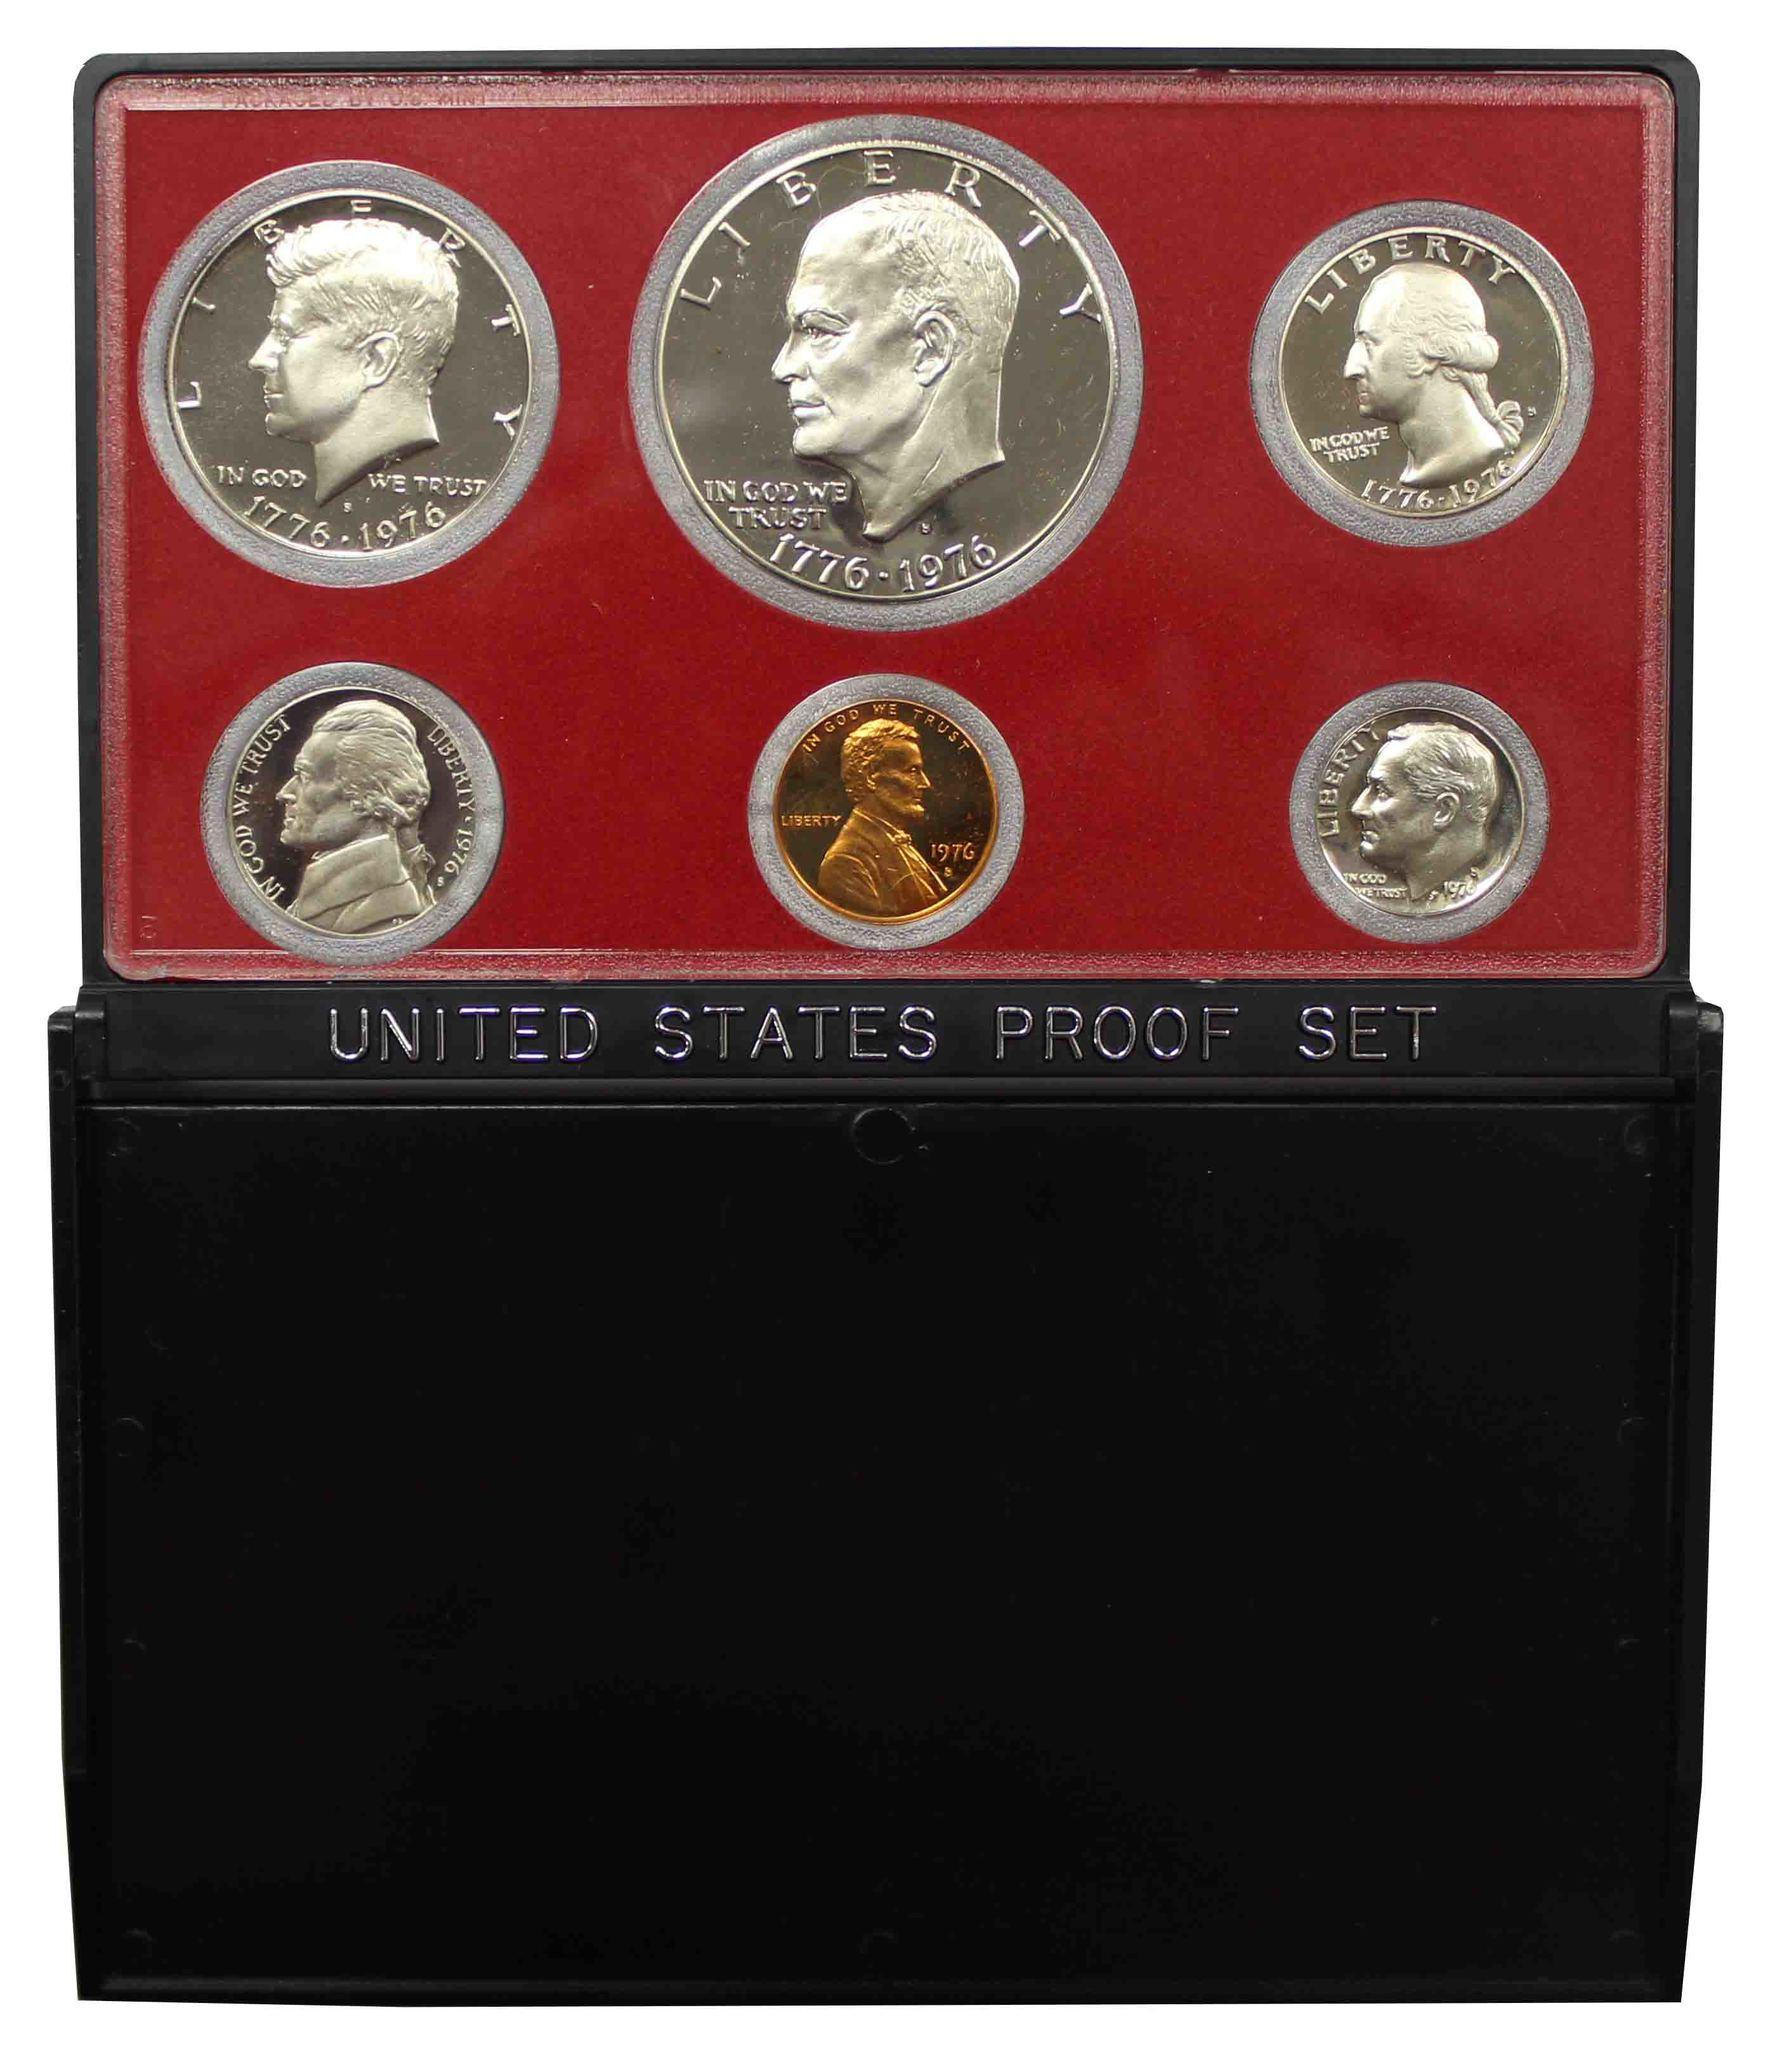 Годовой набор монет США 1976 год в футляре (1, 5, 10, 25, 50 центов; 1 доллар) (6 монет)